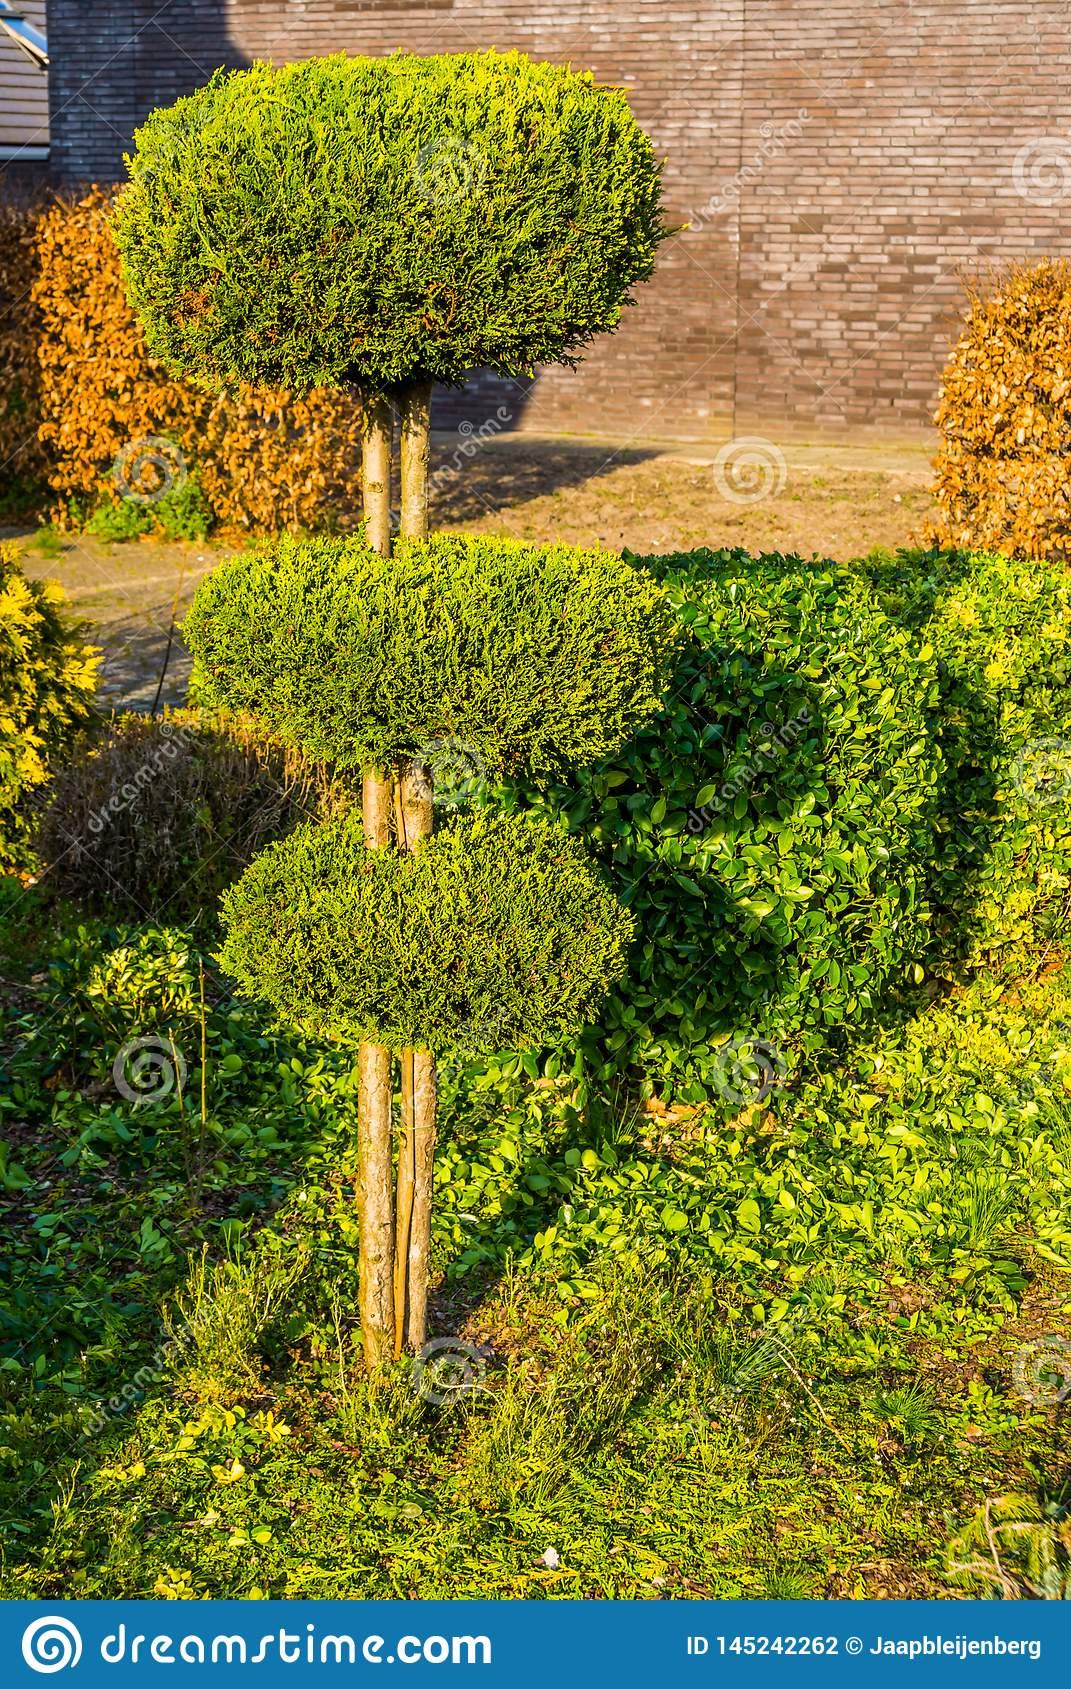 arbre taillé conifère en cercles ronds jardin fraîchement coupé entretien d arrière cour image